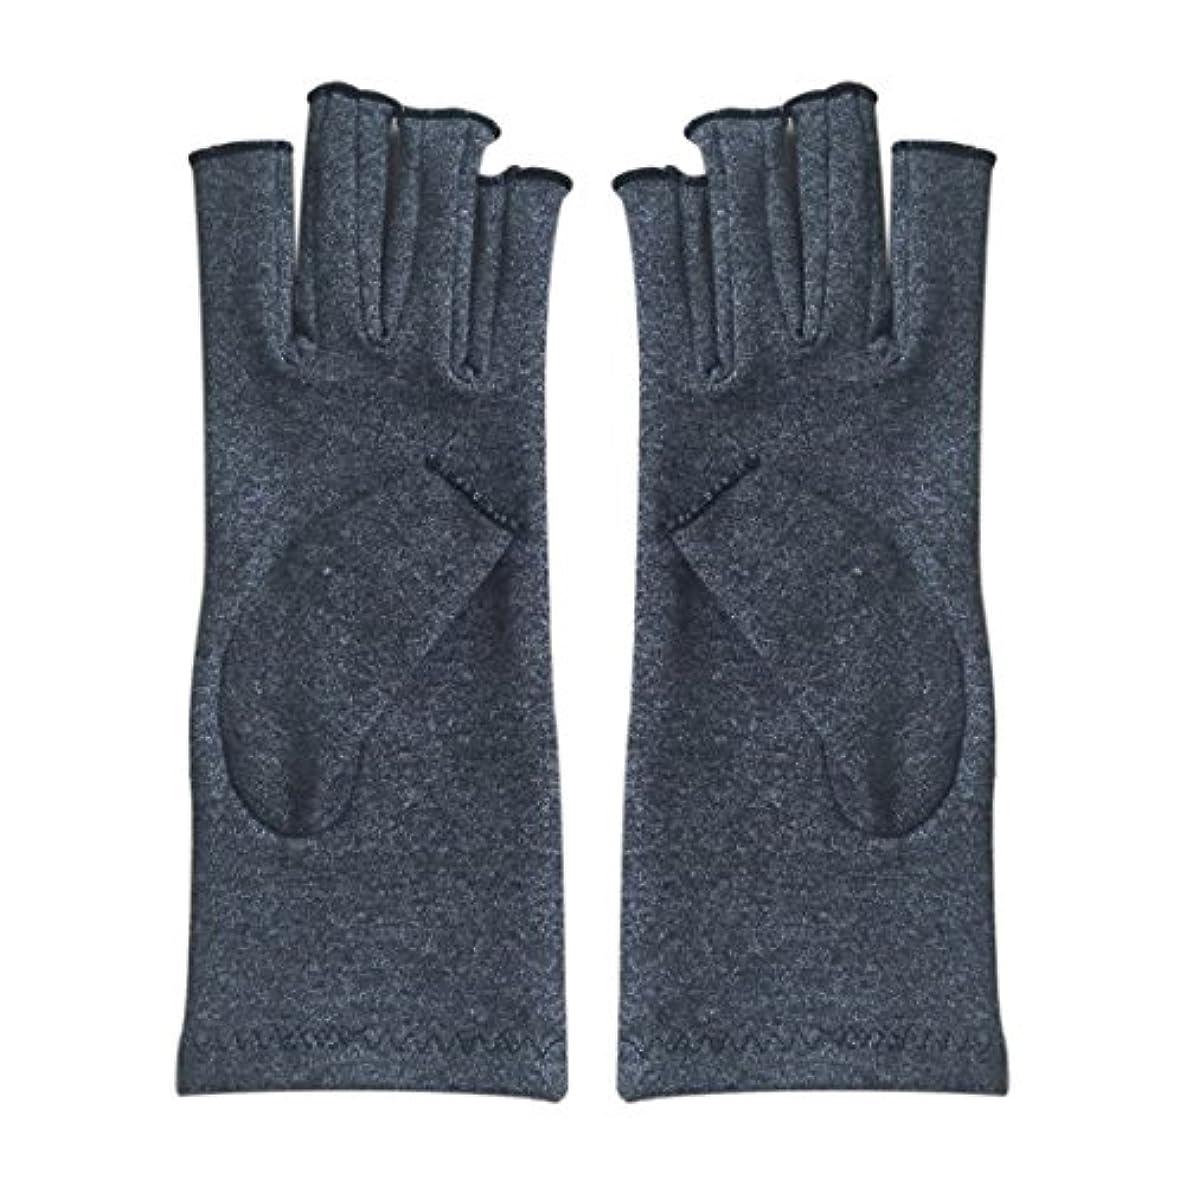 モードリンボクシング海CUHAWUDBA 1ペア成人男性女性用弾性コットンコンプレッション手袋手関節炎関節痛鎮痛軽減M - 灰色、M